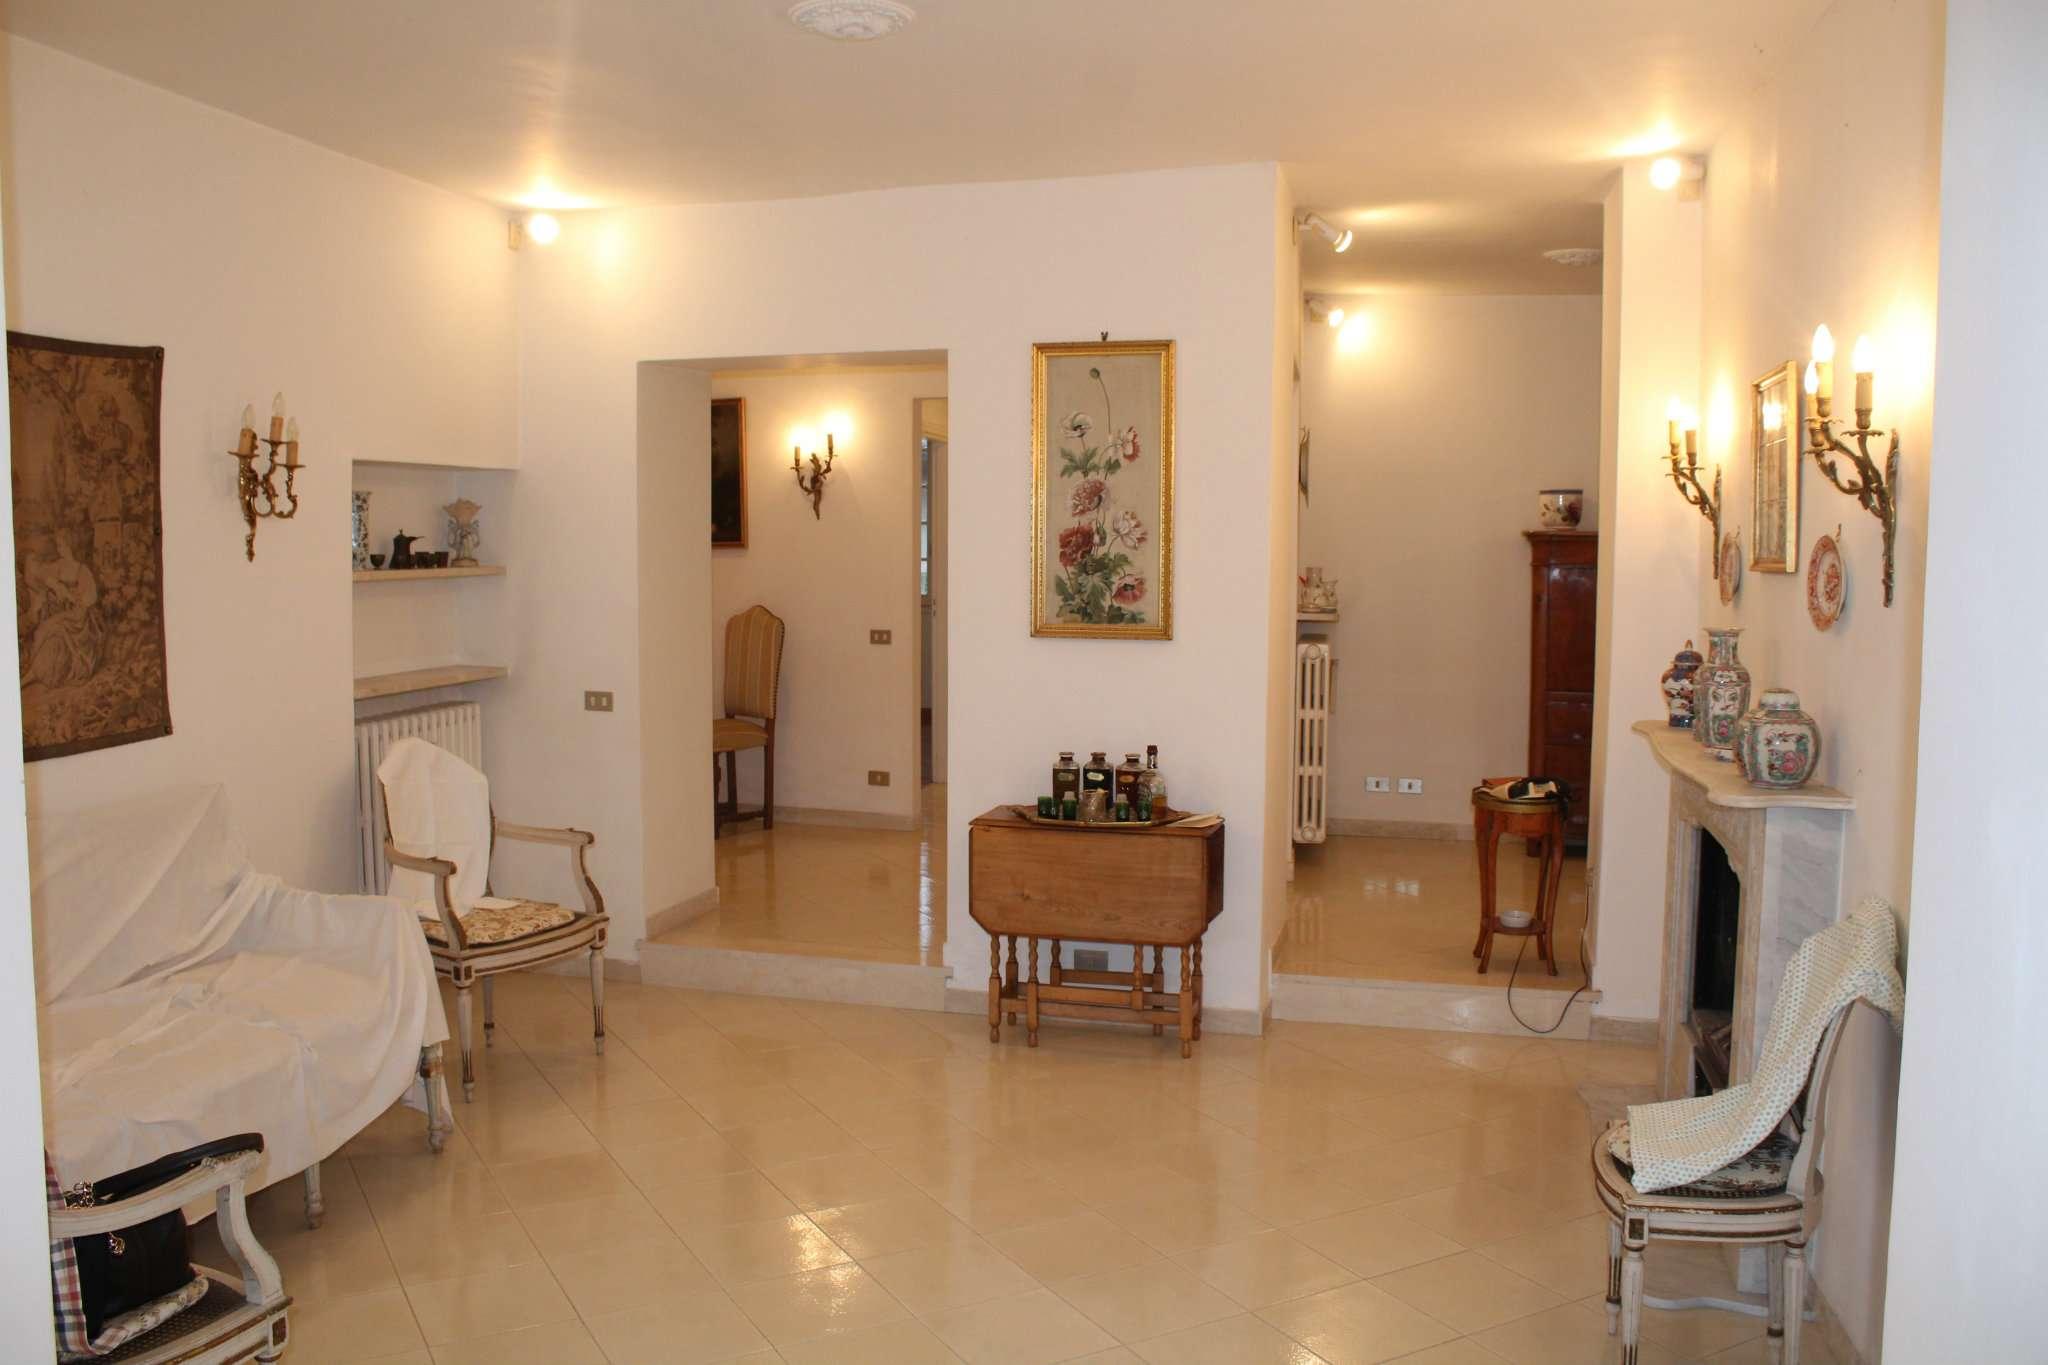 Appartamento in vendita a Bagnasco, 5 locali, prezzo € 85.000 | CambioCasa.it